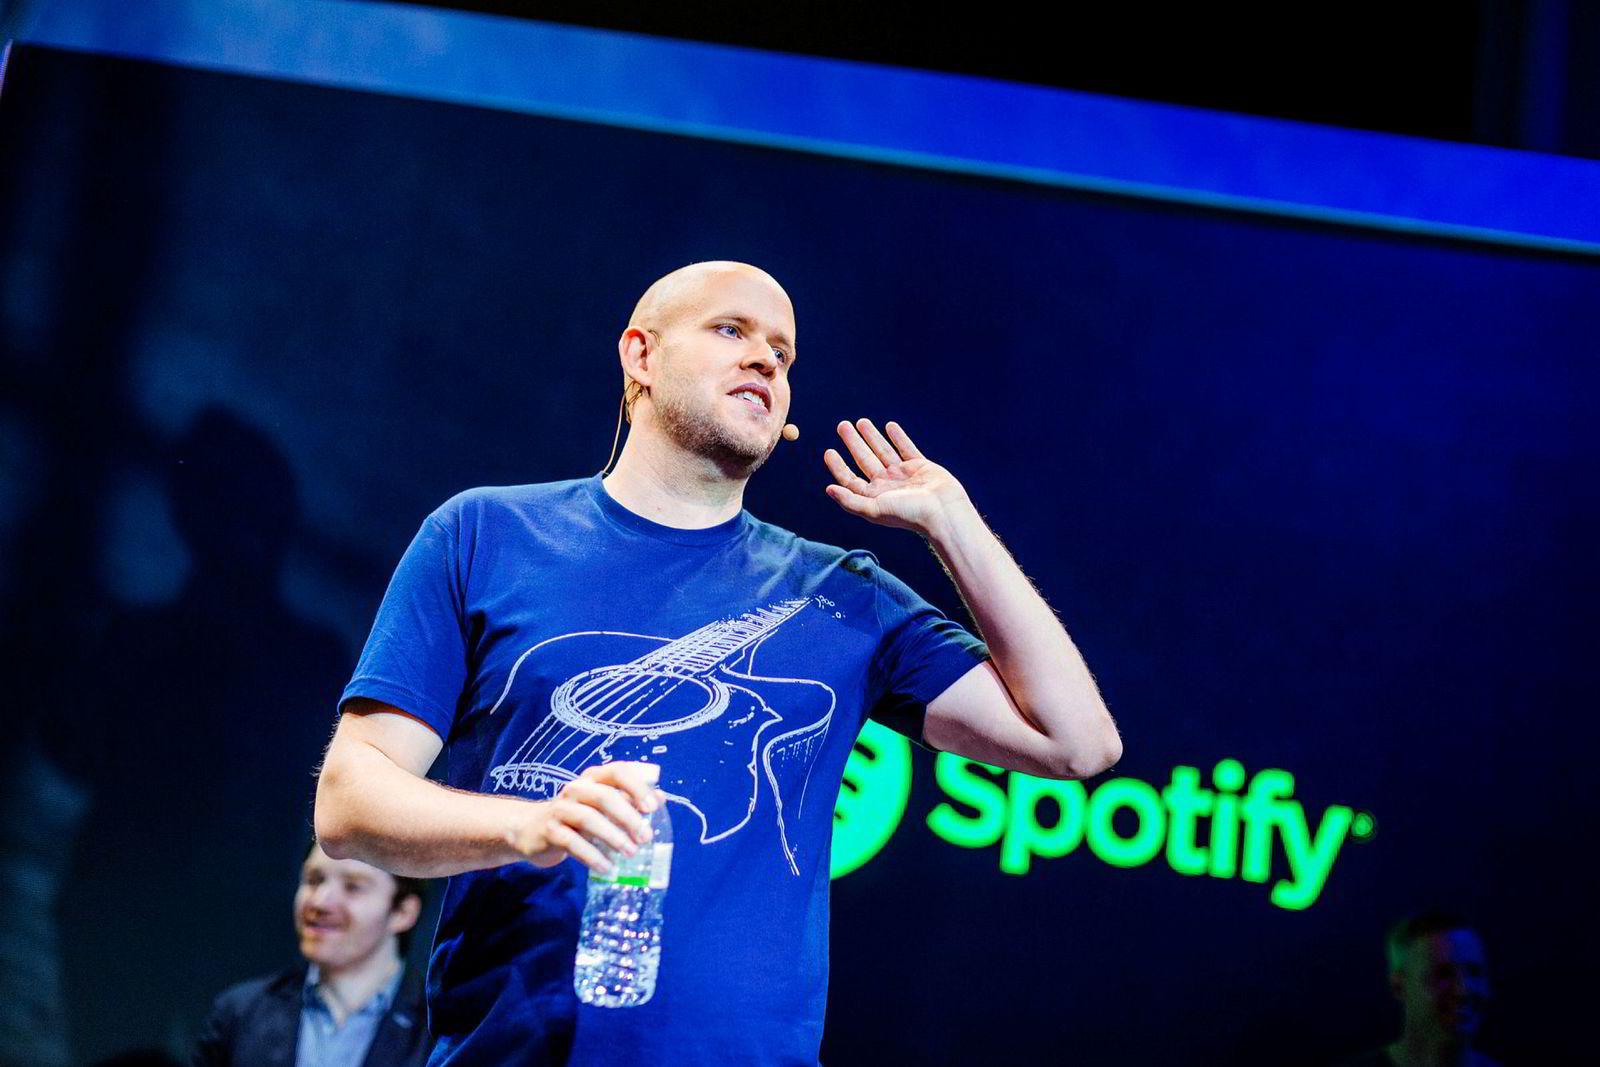 I sitt forrige brev til aksjonærene tok Daniel Ek og Spotify opp problemet med falske brukere og manipulering av strømmetall. – Vi fortsetter arbeidet med å identifisere brukere vi anser for å være «falske» fra tallene vi rapporterer. Dette inkluderer, men er ikke begrenset til, bot-er og brukere som forsøker å manipulere strømmetall med det mål å endre royalties-utbetalinger, skriver Spotify.